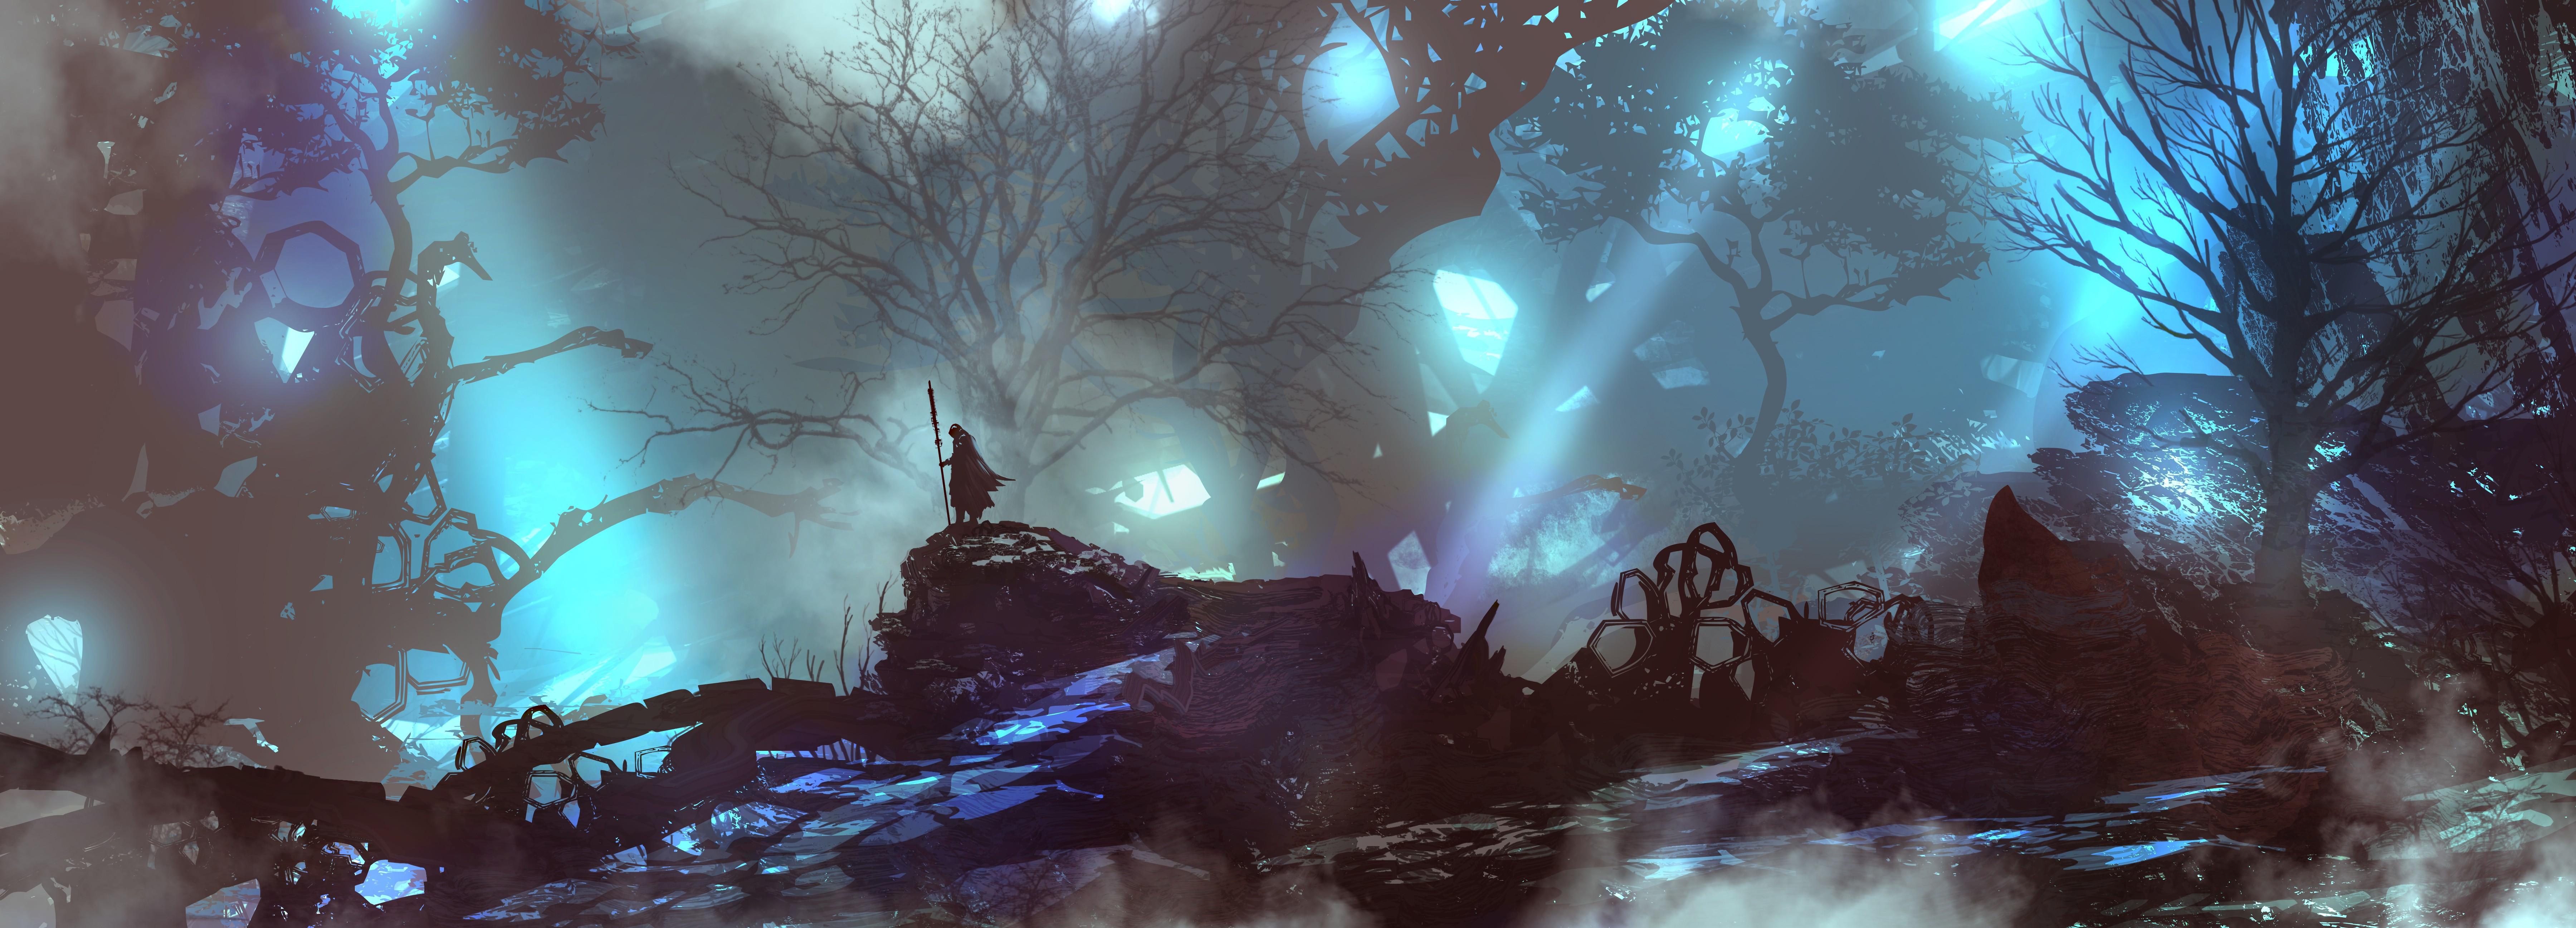 Wallpaper Fantasy Art Digital Art Artwork Warrior